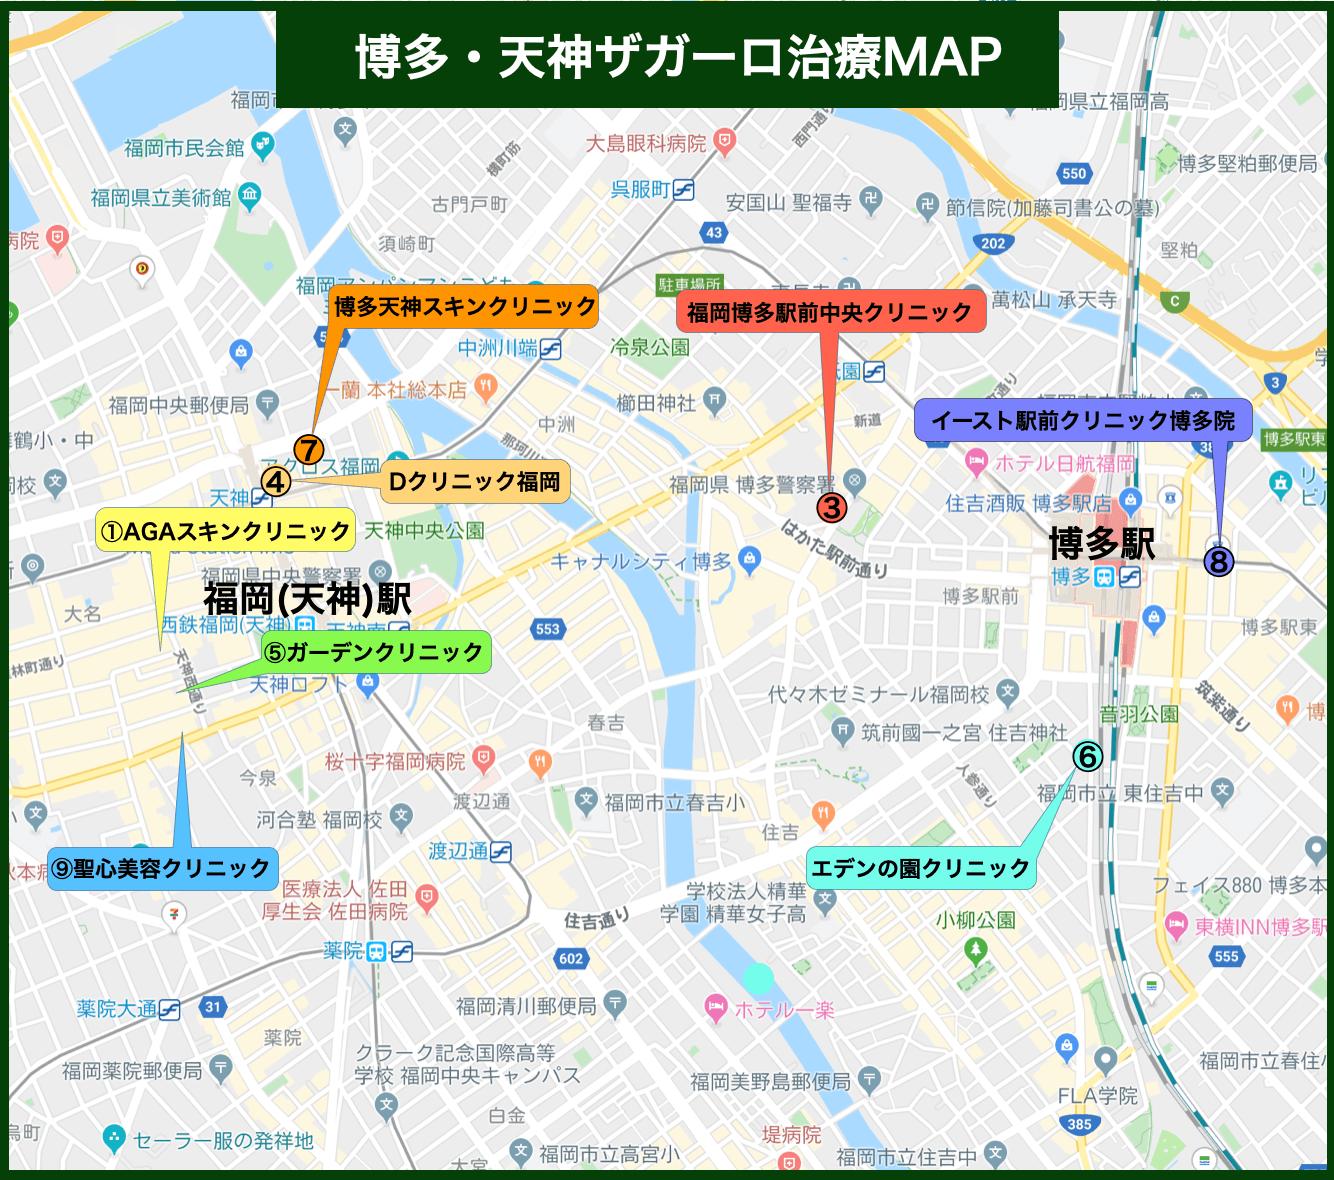 博多・天神ザガーロ治療MAP(2021年10月版)